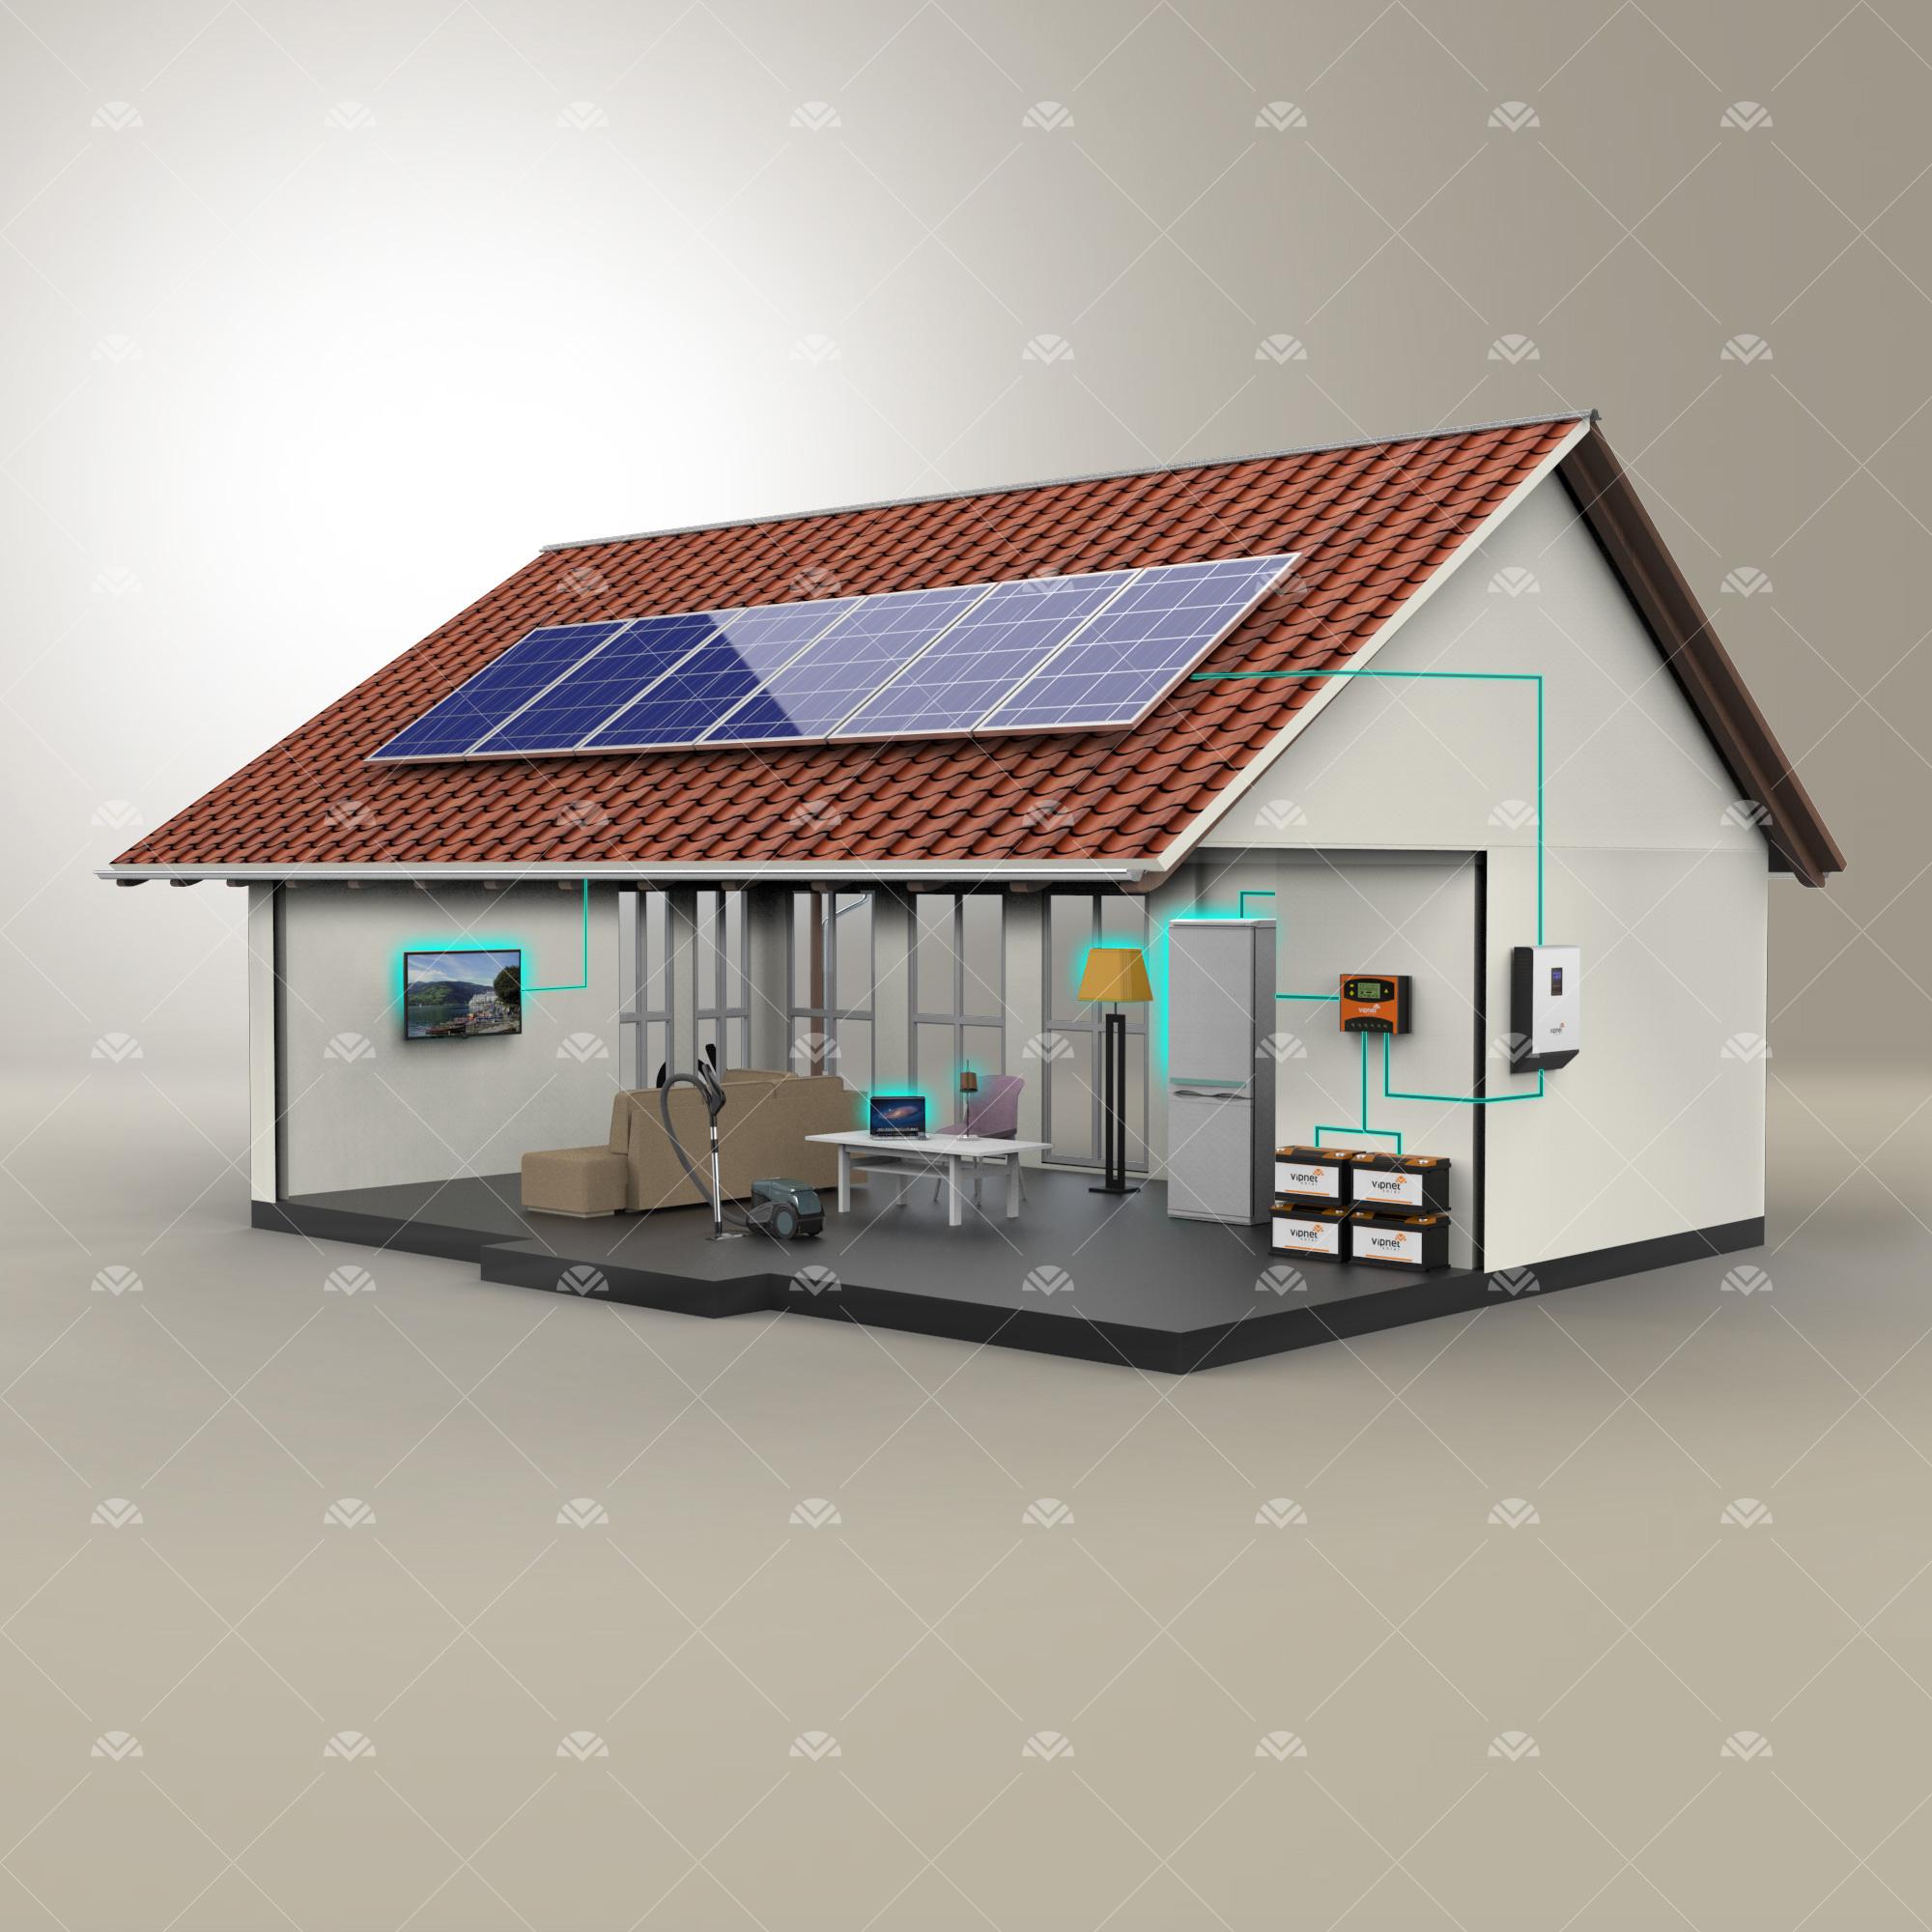 Solar Paket 4-lambalar, tv, büyük buzdolabı, şarj cihazı, ev aletleri, süpürge